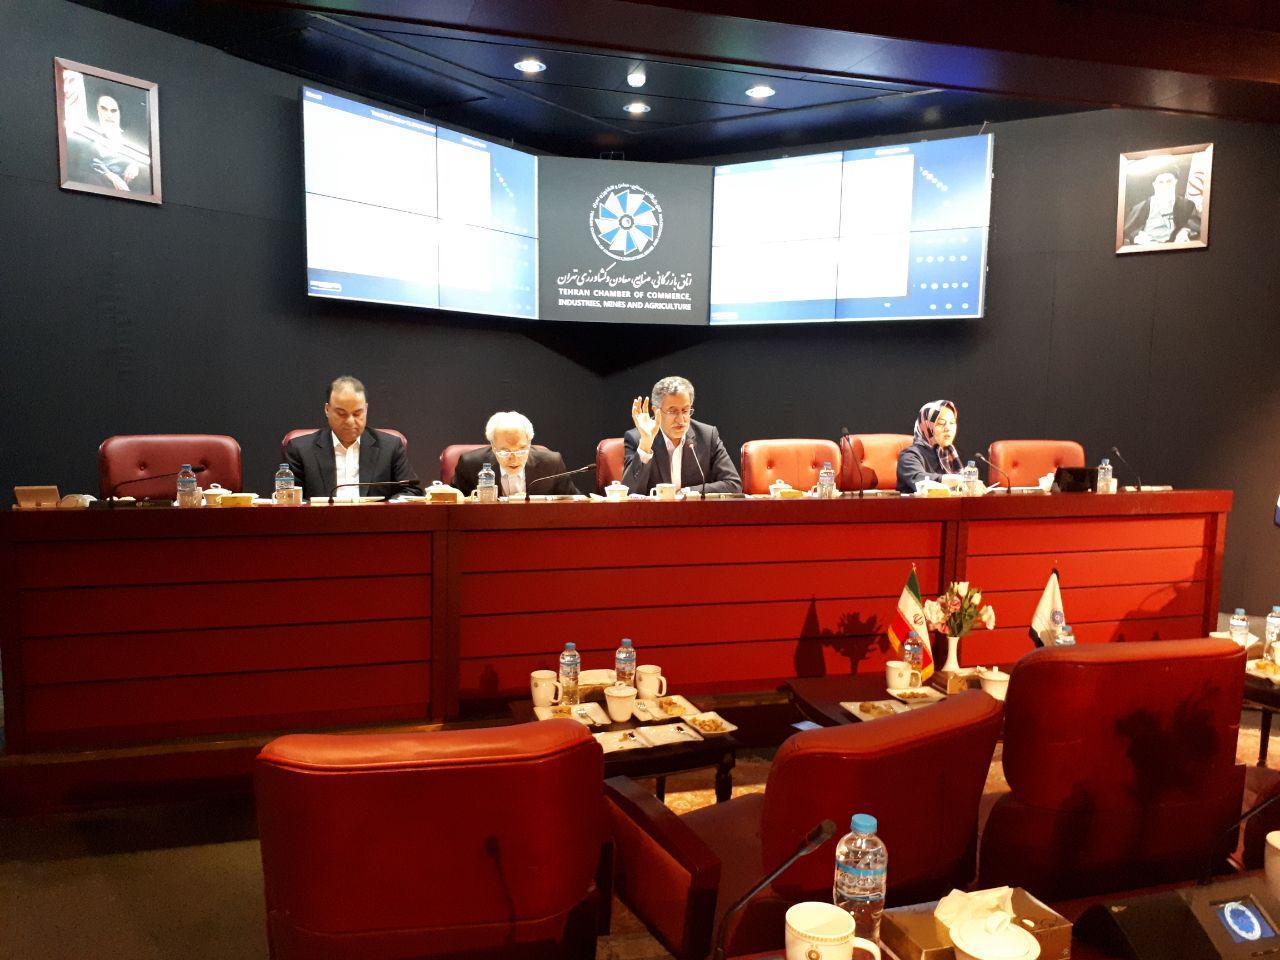 در نشست هیئت نمایندگان اتاق تهران؛ یارانه سوخت به جای خودروها به مردم داده شود